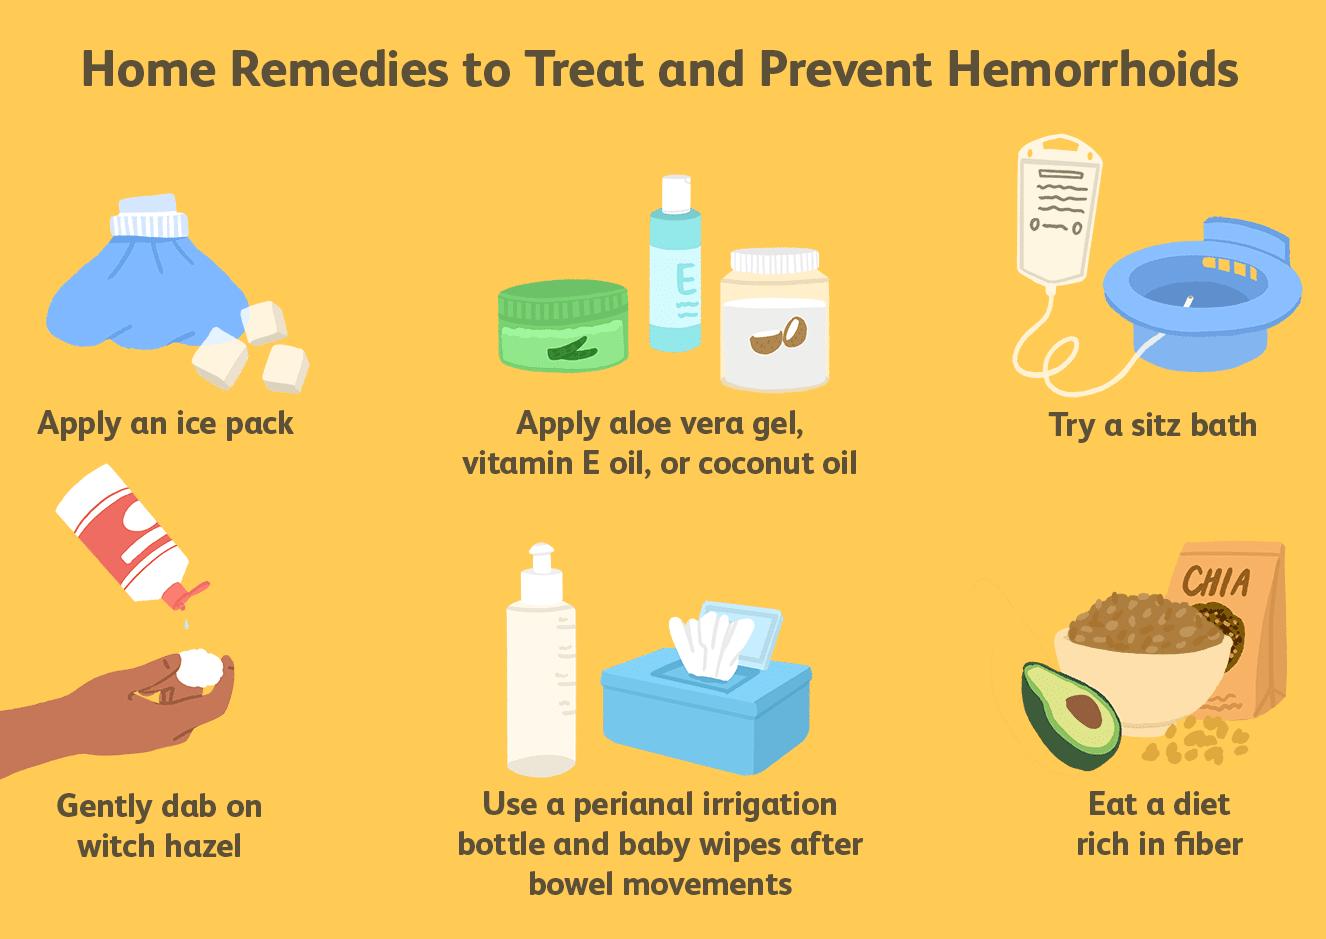 hemorrhoid-home.remedies